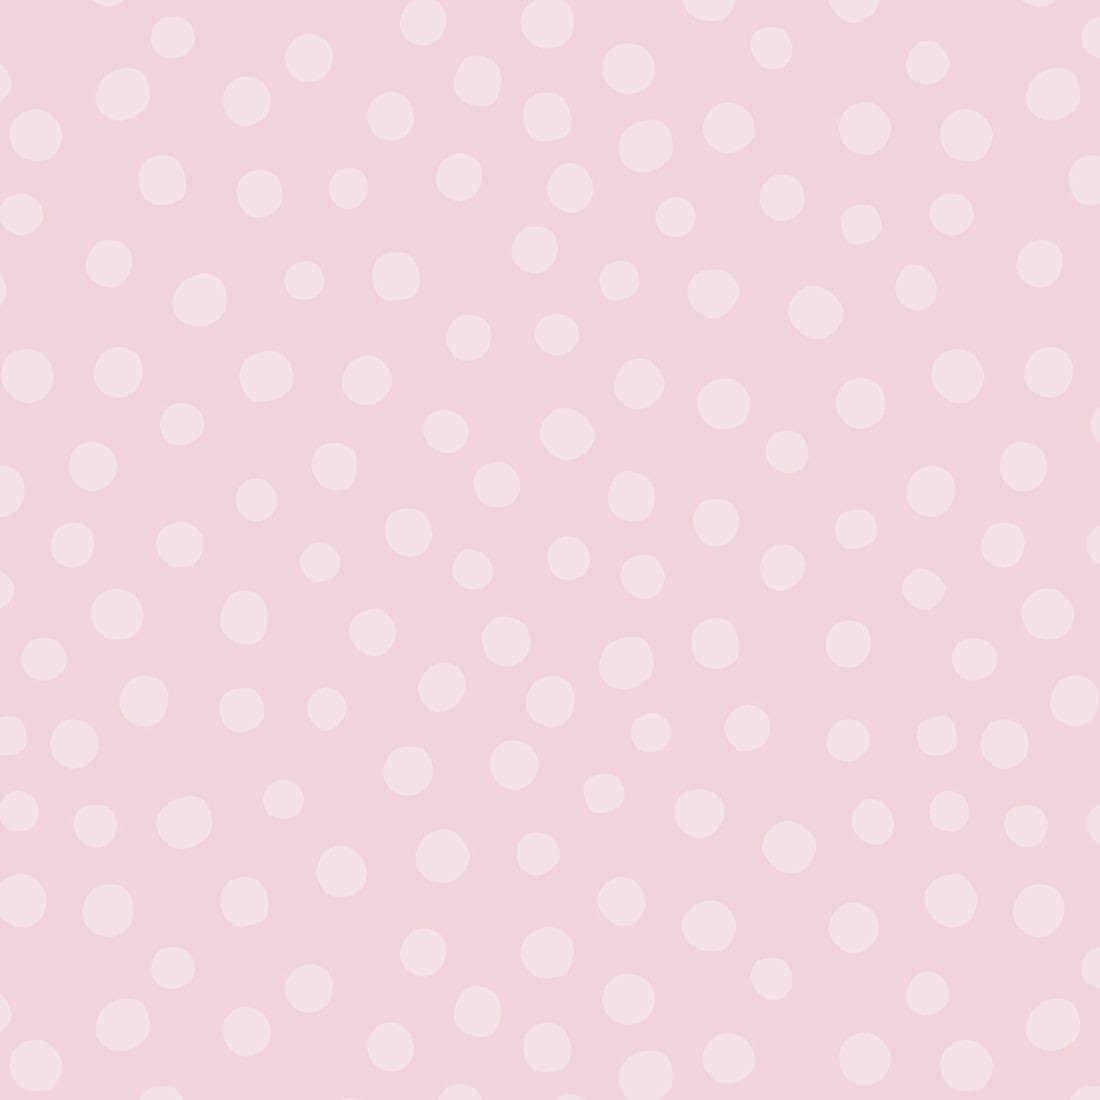 Papel de Parede Infantil Bolinhas Rosas - Nido